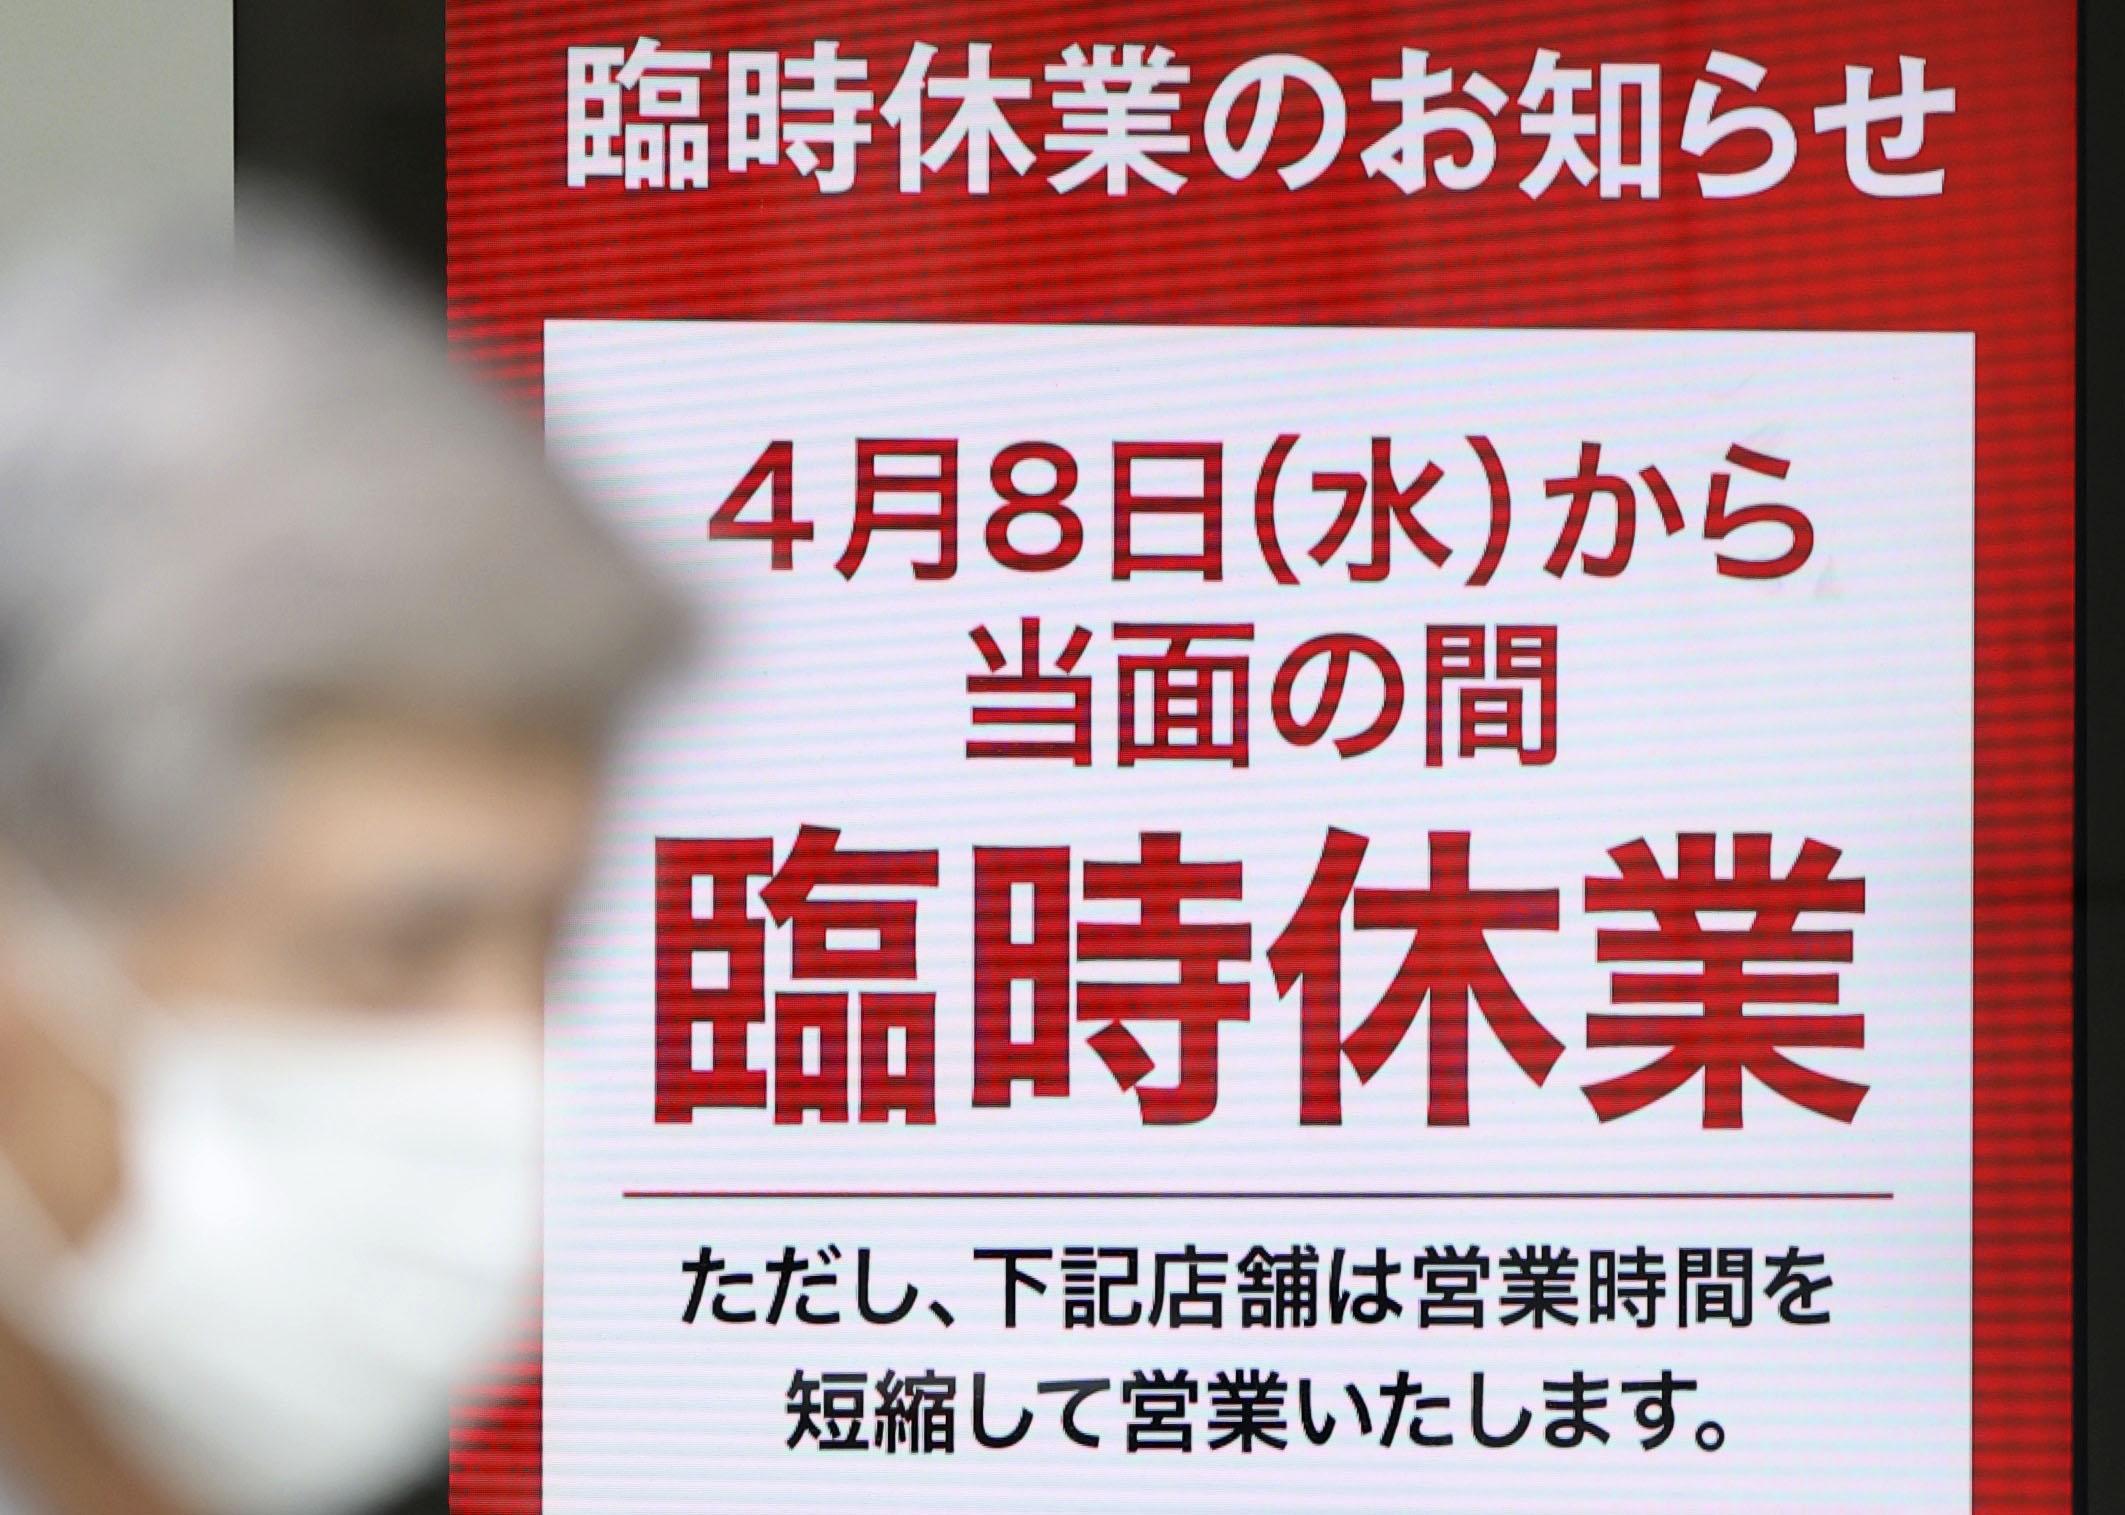 臨時休業を伝える掲示板=30日午後、東京・日本橋